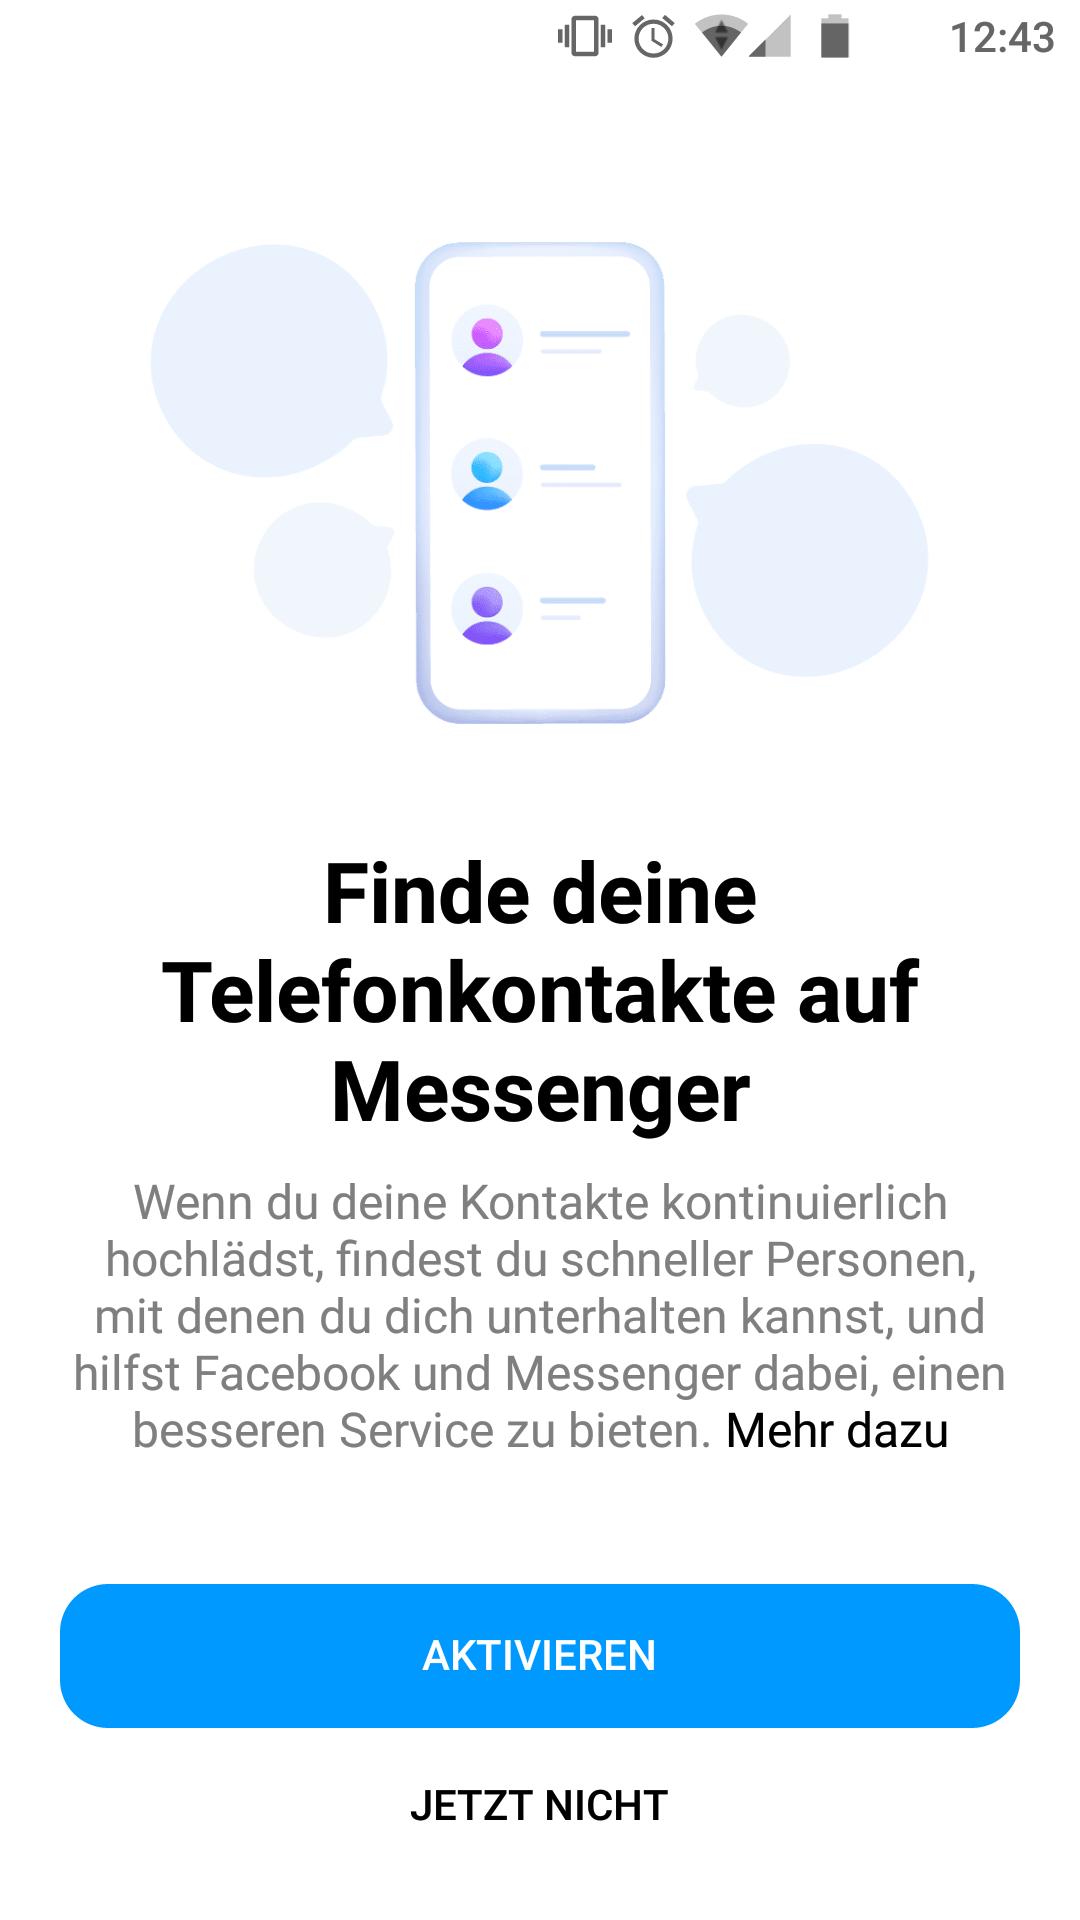 Telefonkontakte verknüpfen (muss aber nicht sein).